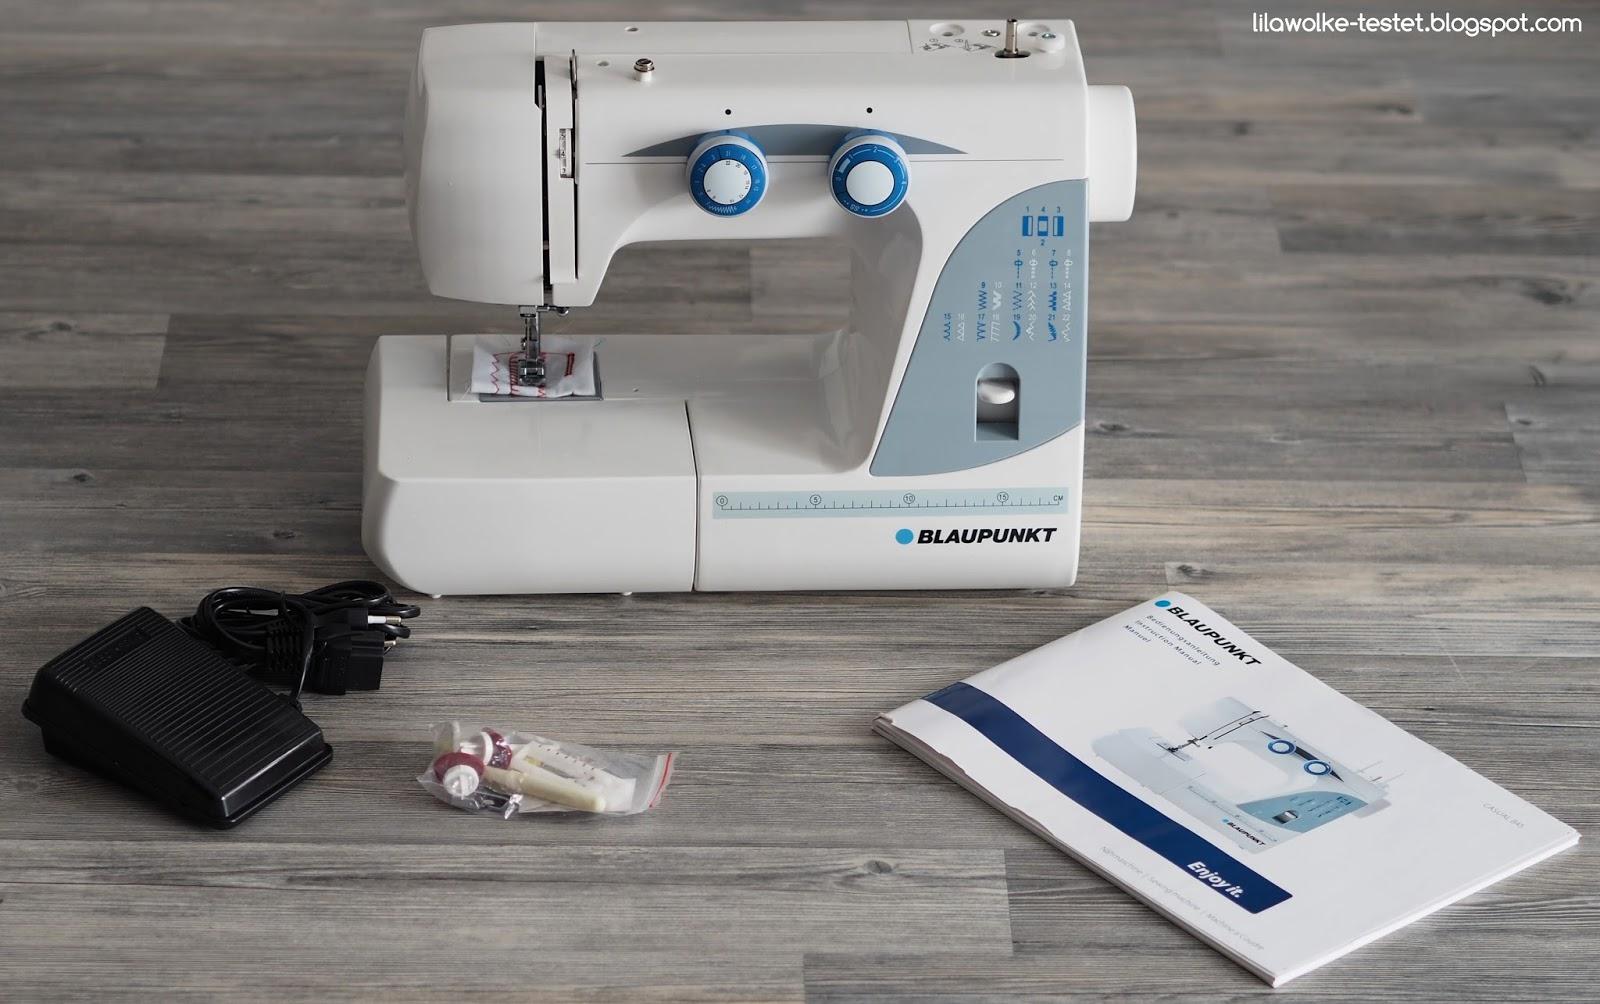 blaupunkt nähmaschine casual 845 im test  lilawolke  testet ~ Nähmaschine Unterfaden Einstellen